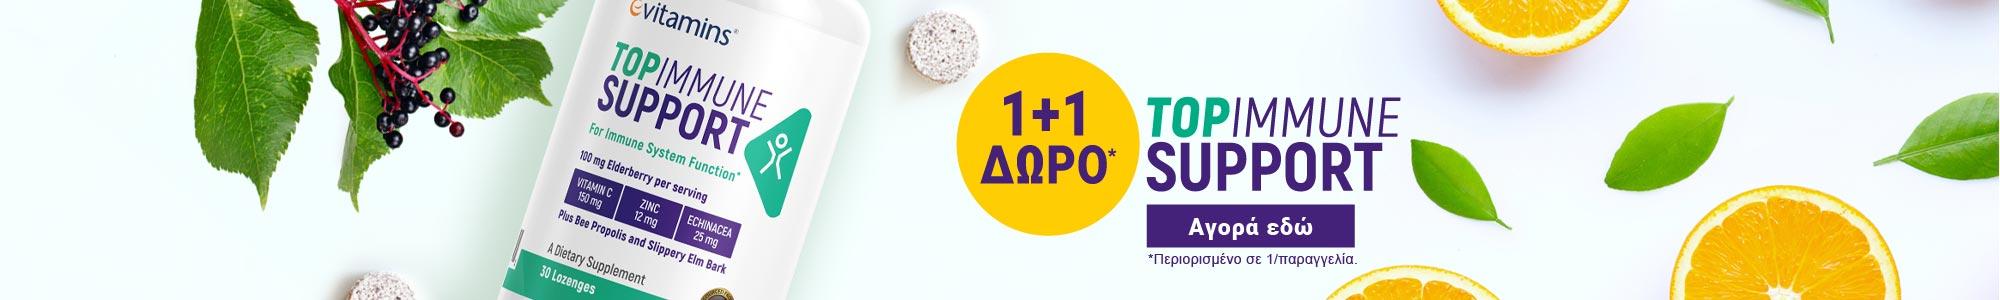 1+1 δώρο! eVitamins Top Immune Support. Για την Λειτουργία του Ανοσοποιητικού Συστήματος*. Αγορά εδώ.